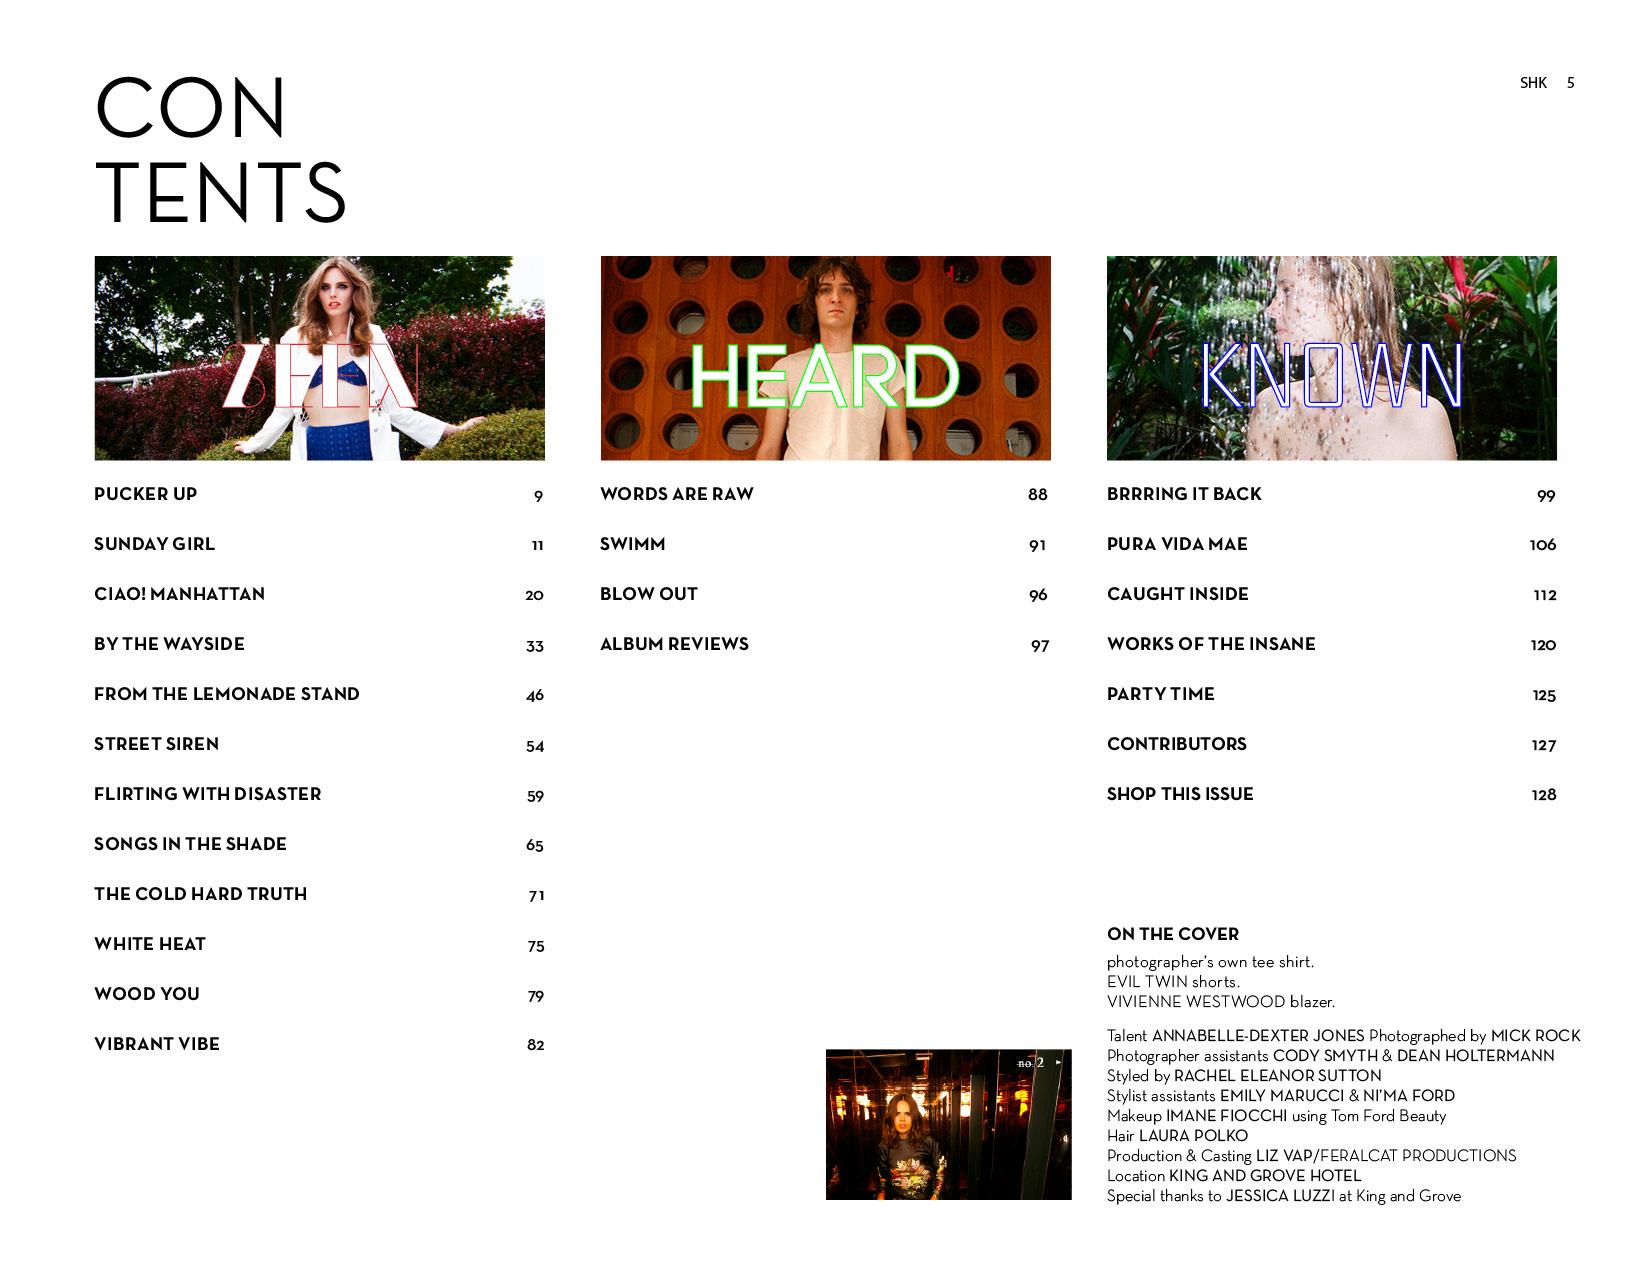 SHK-Summer-Issue-Summer-Needs-No-Explaination-20135.jpg